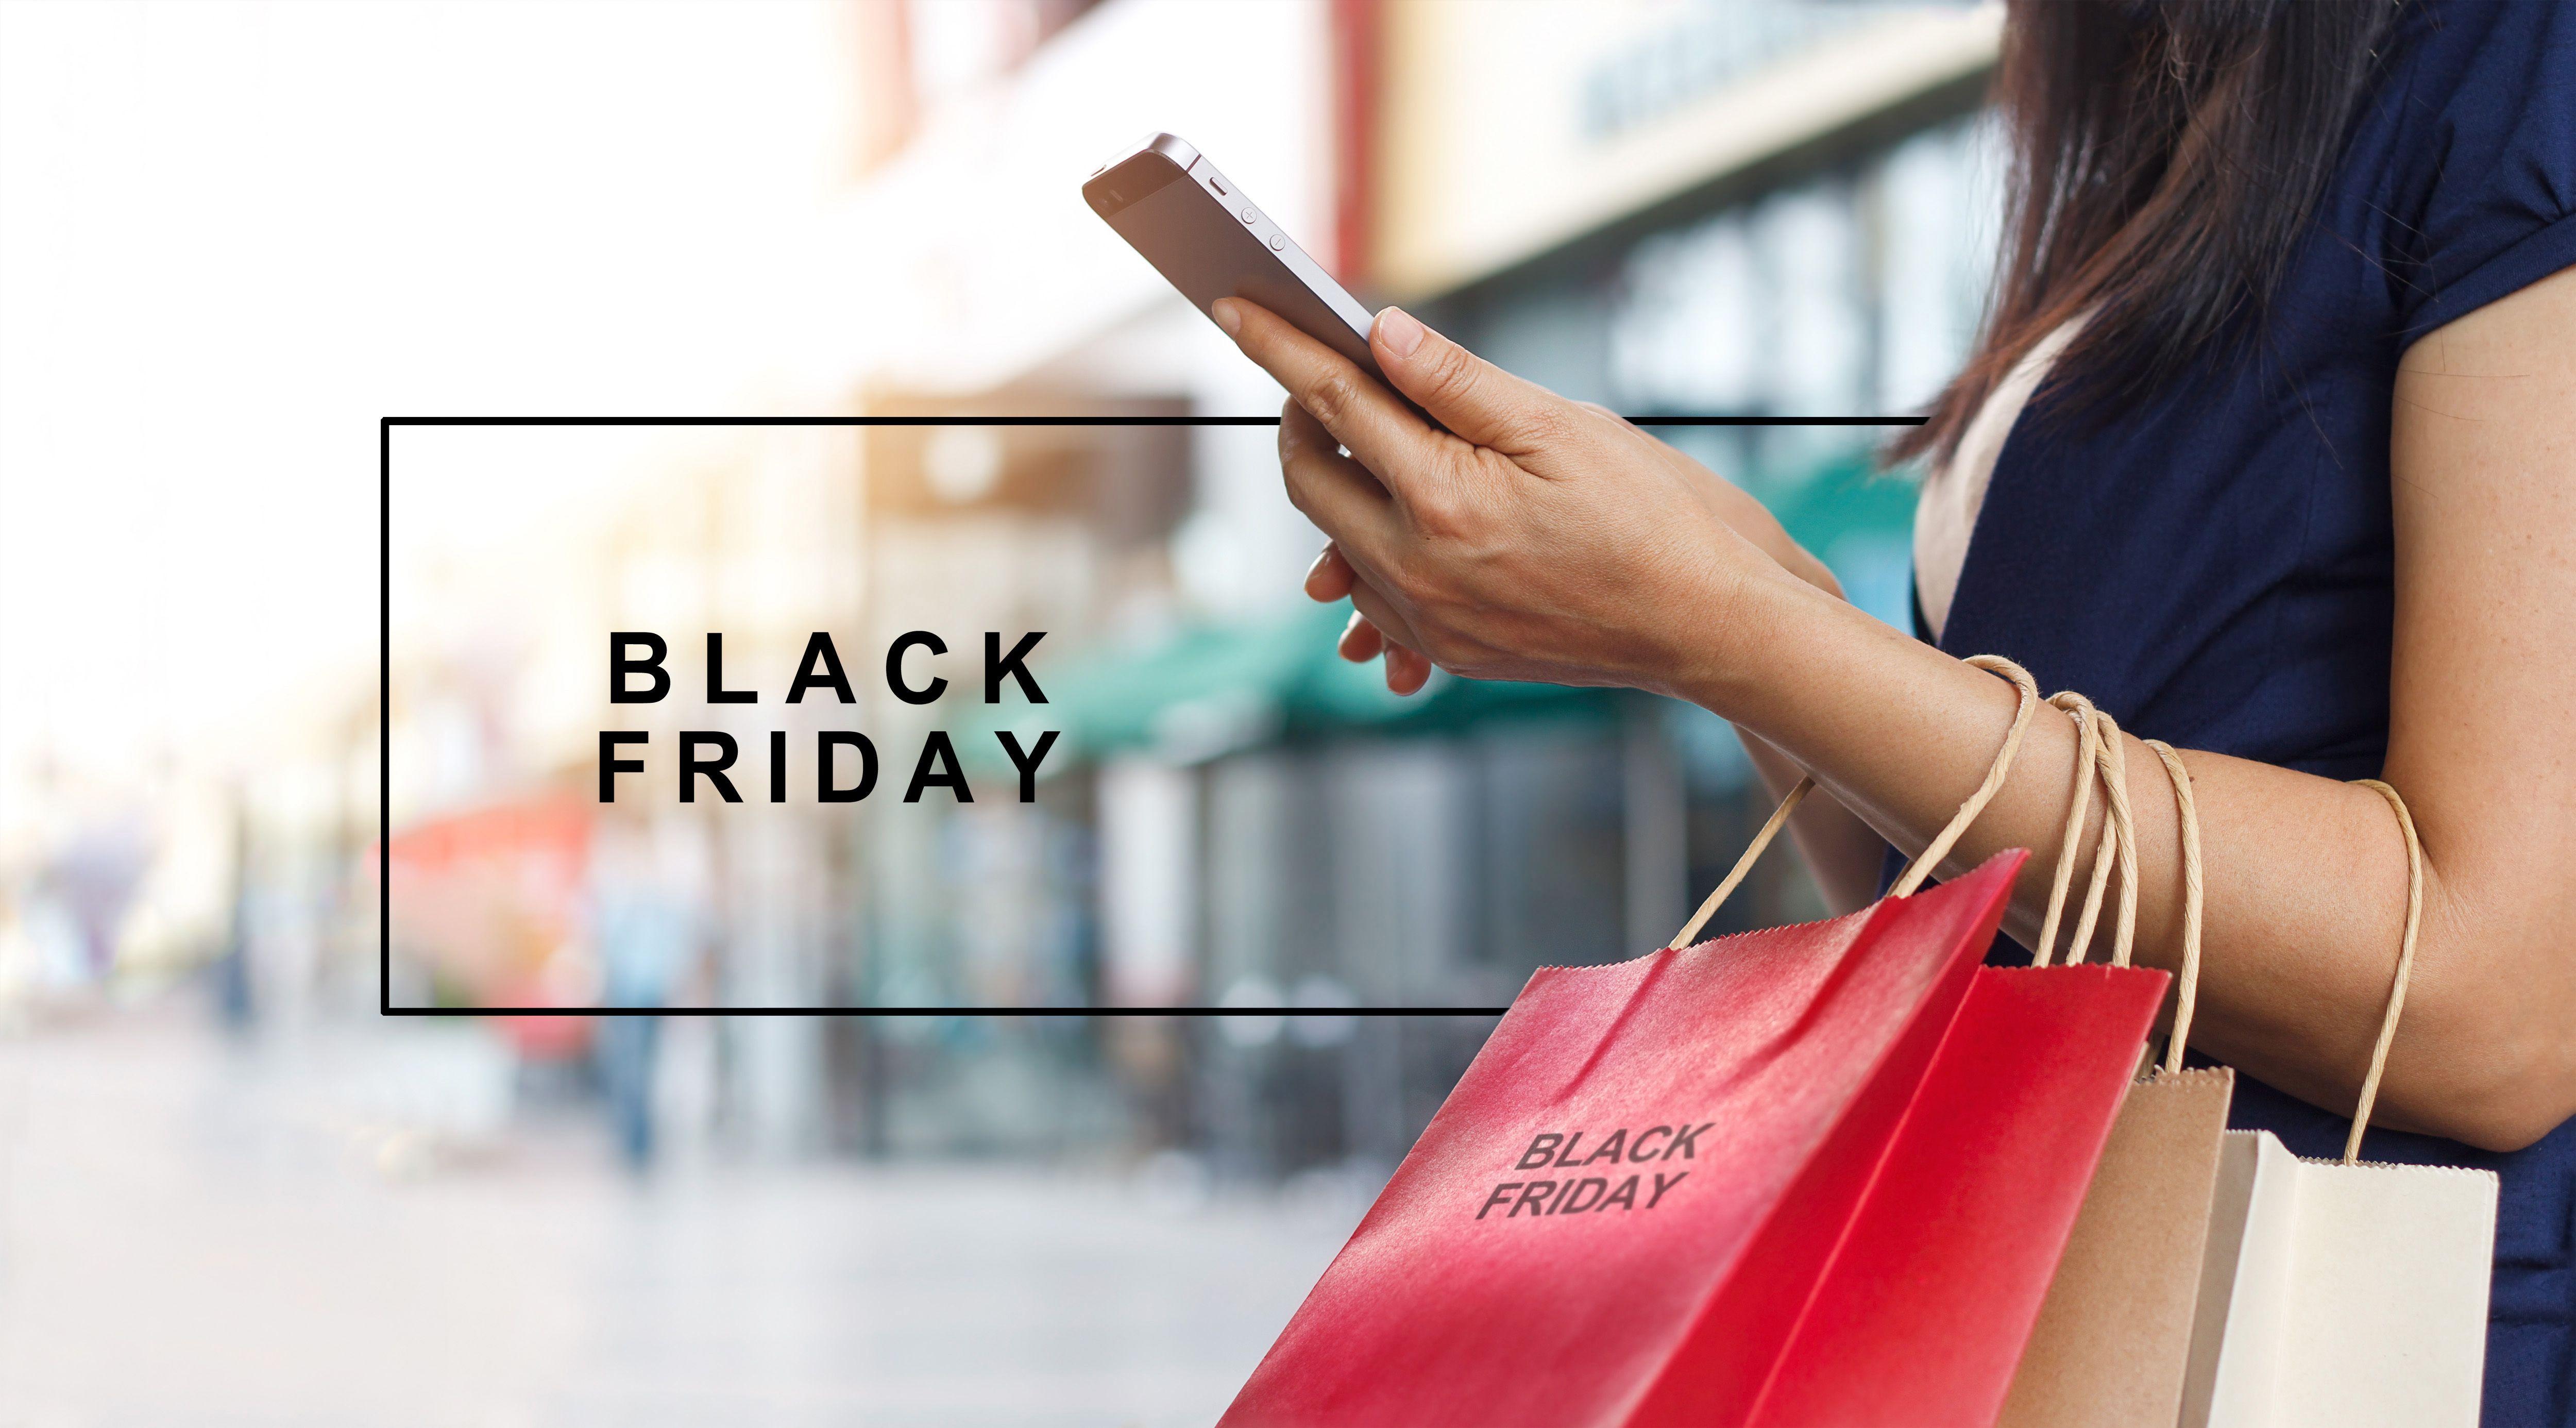 Ąrednia obniżka cen w sklepach online wynosi zaledwie 1,3 proc. fot. Shutterstock